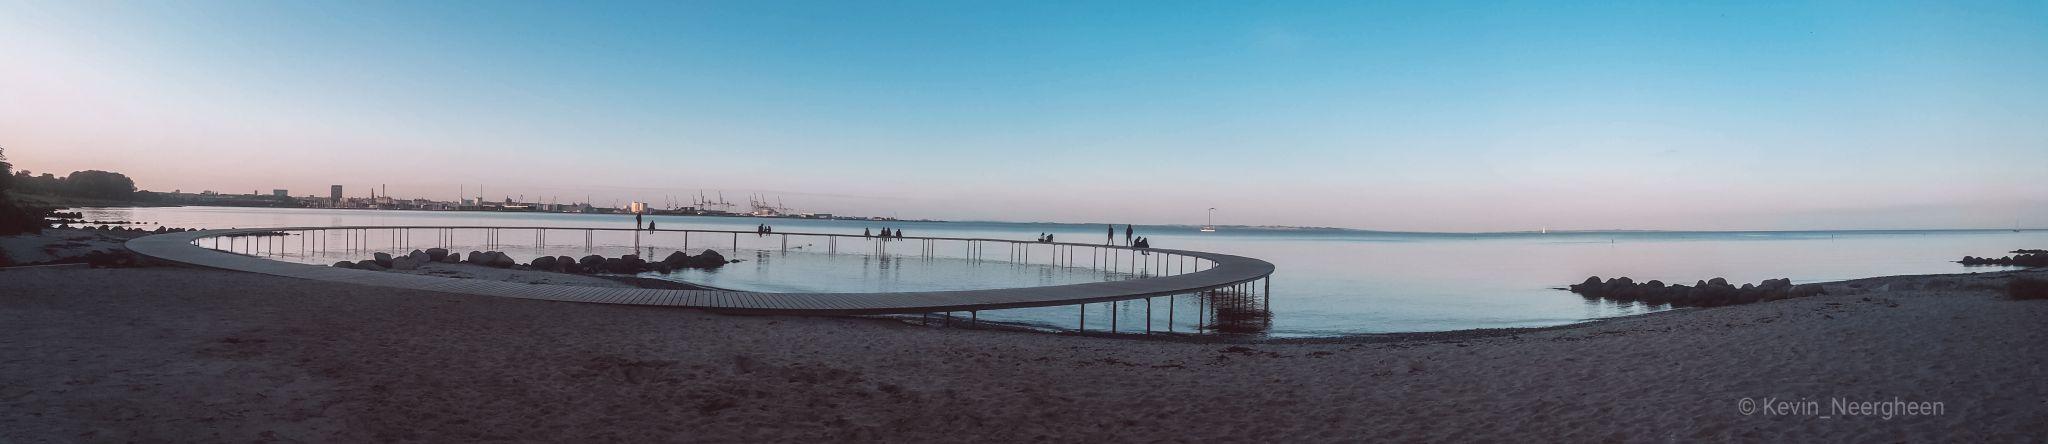 Den uendelige bro (The Infinite Bridge), Denmark